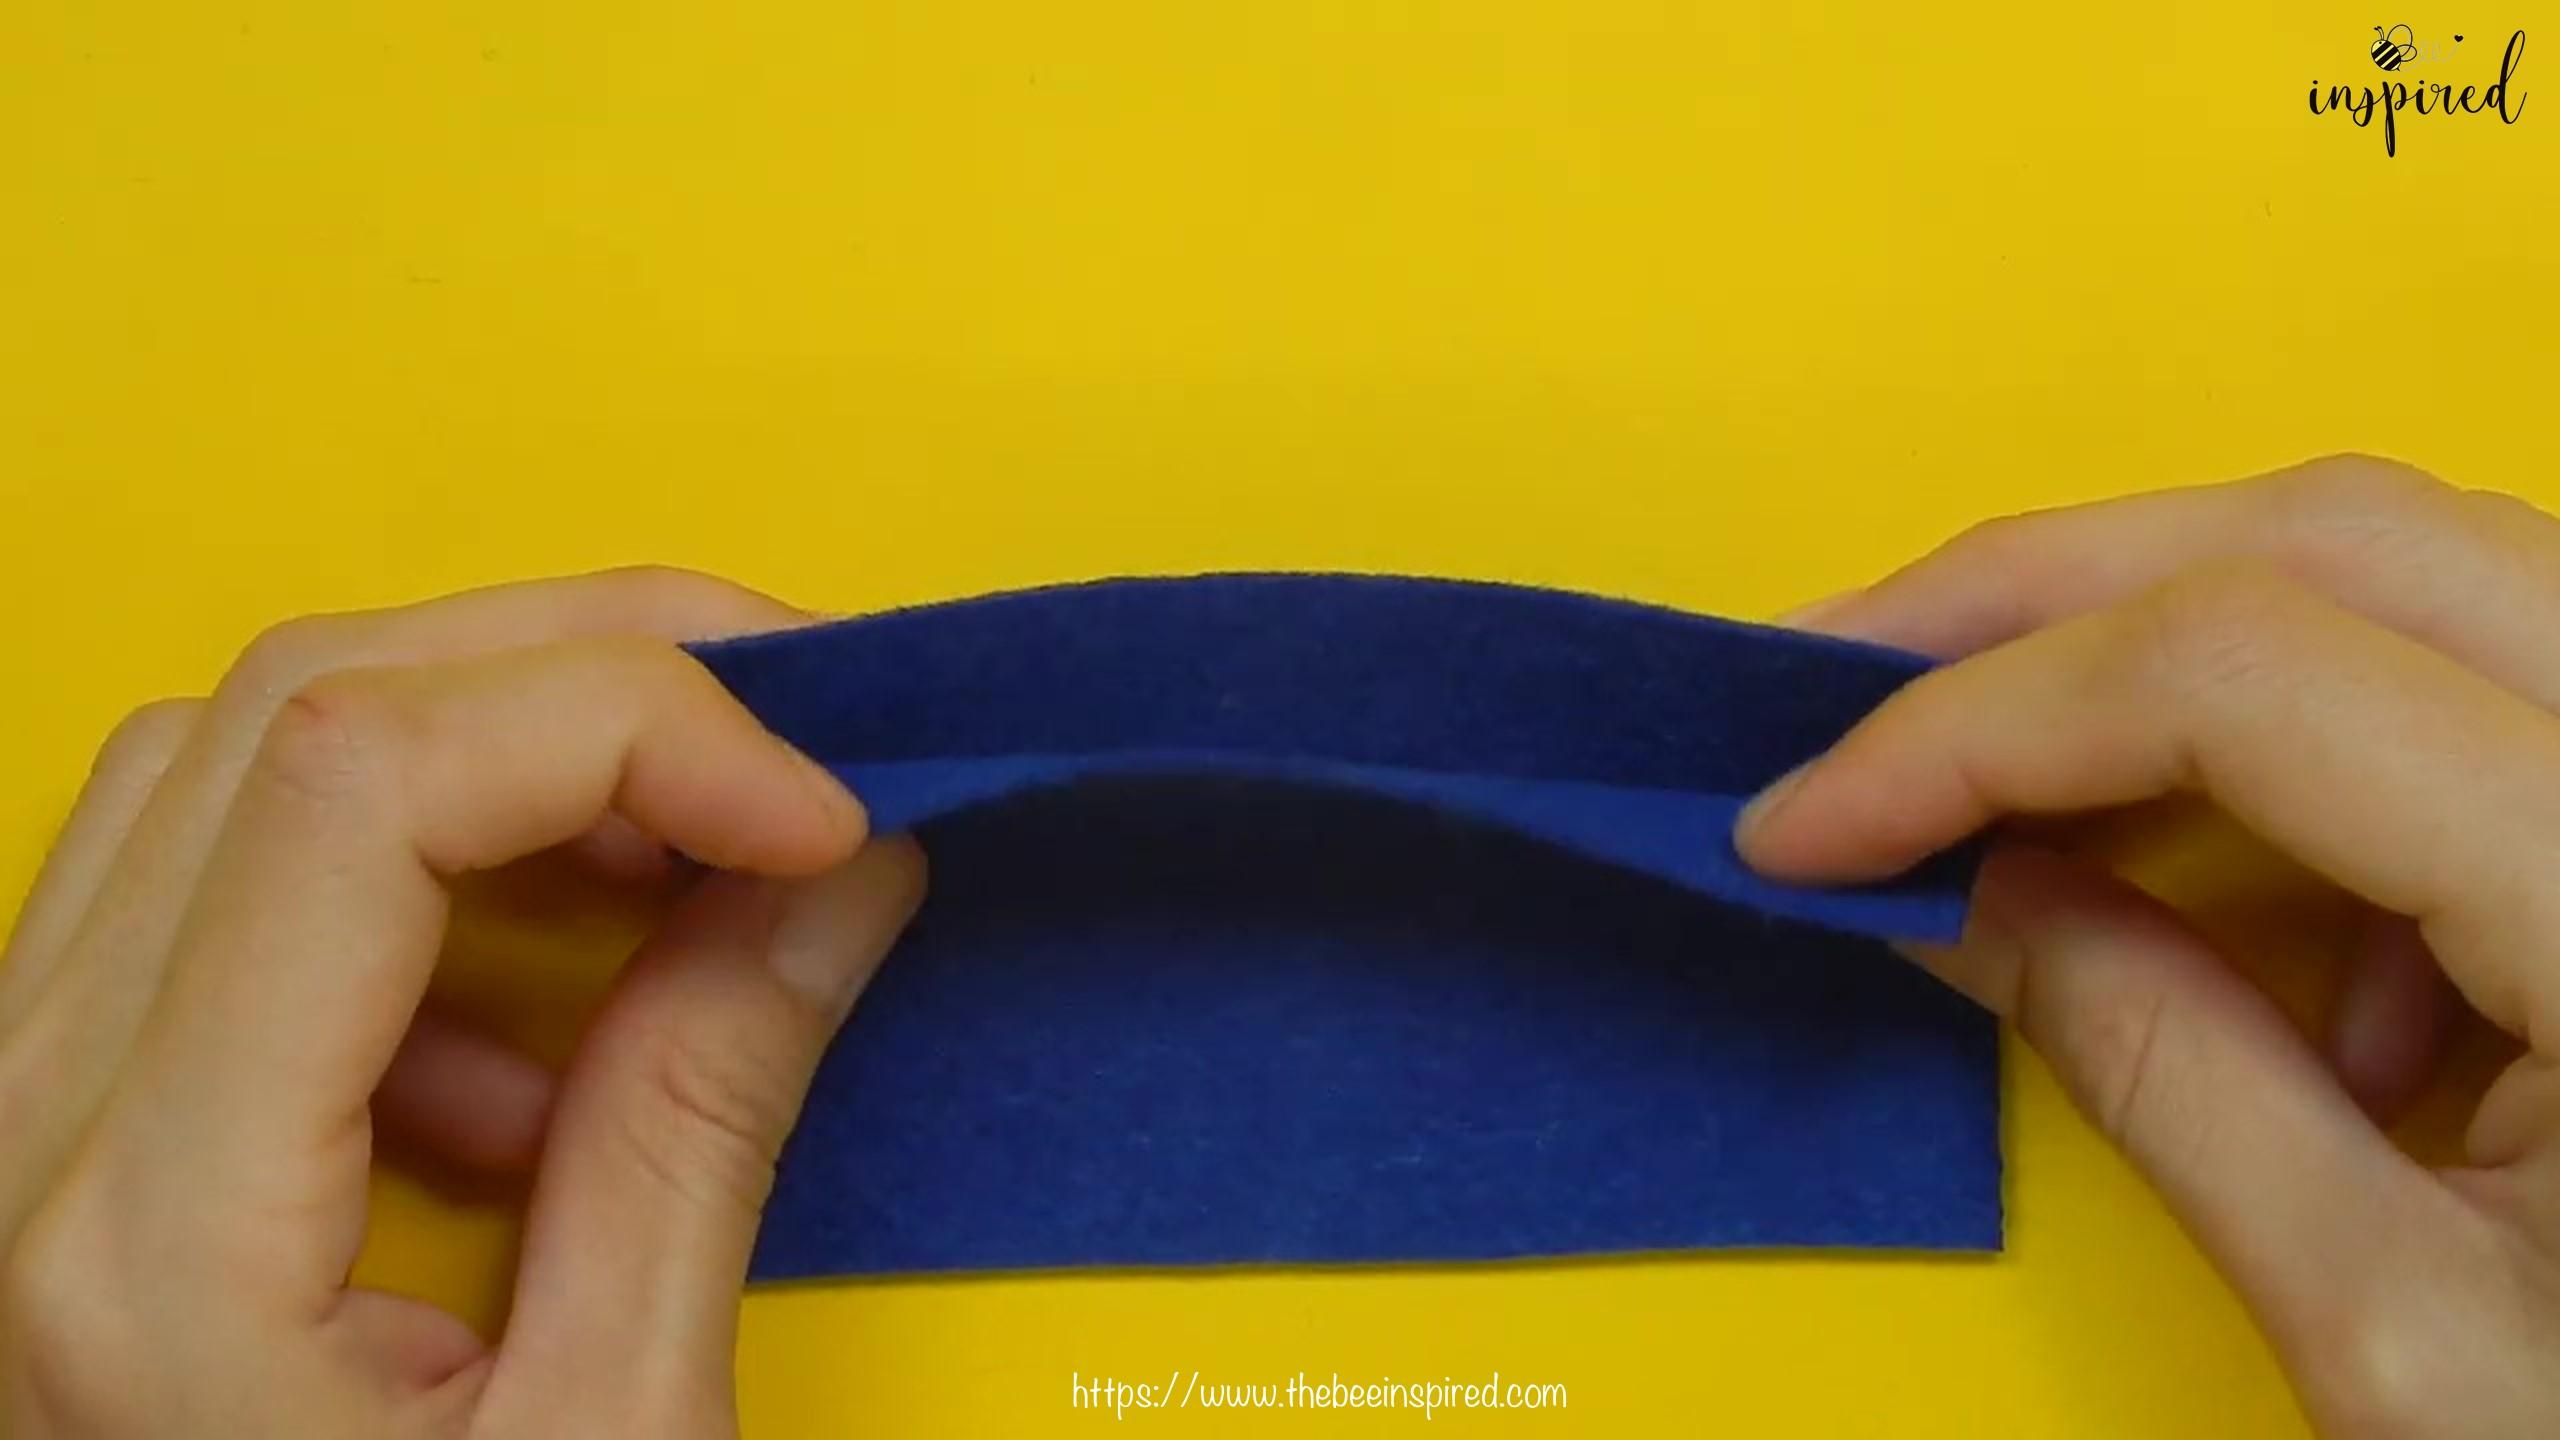 วิธีการเย็บลายปักริมผ้าห่ม (How to Sew a Blanket Stitch) _ วิธีเย็บเก็บริมผ้าโดยไม่ใช้จักรโพ้ง_2